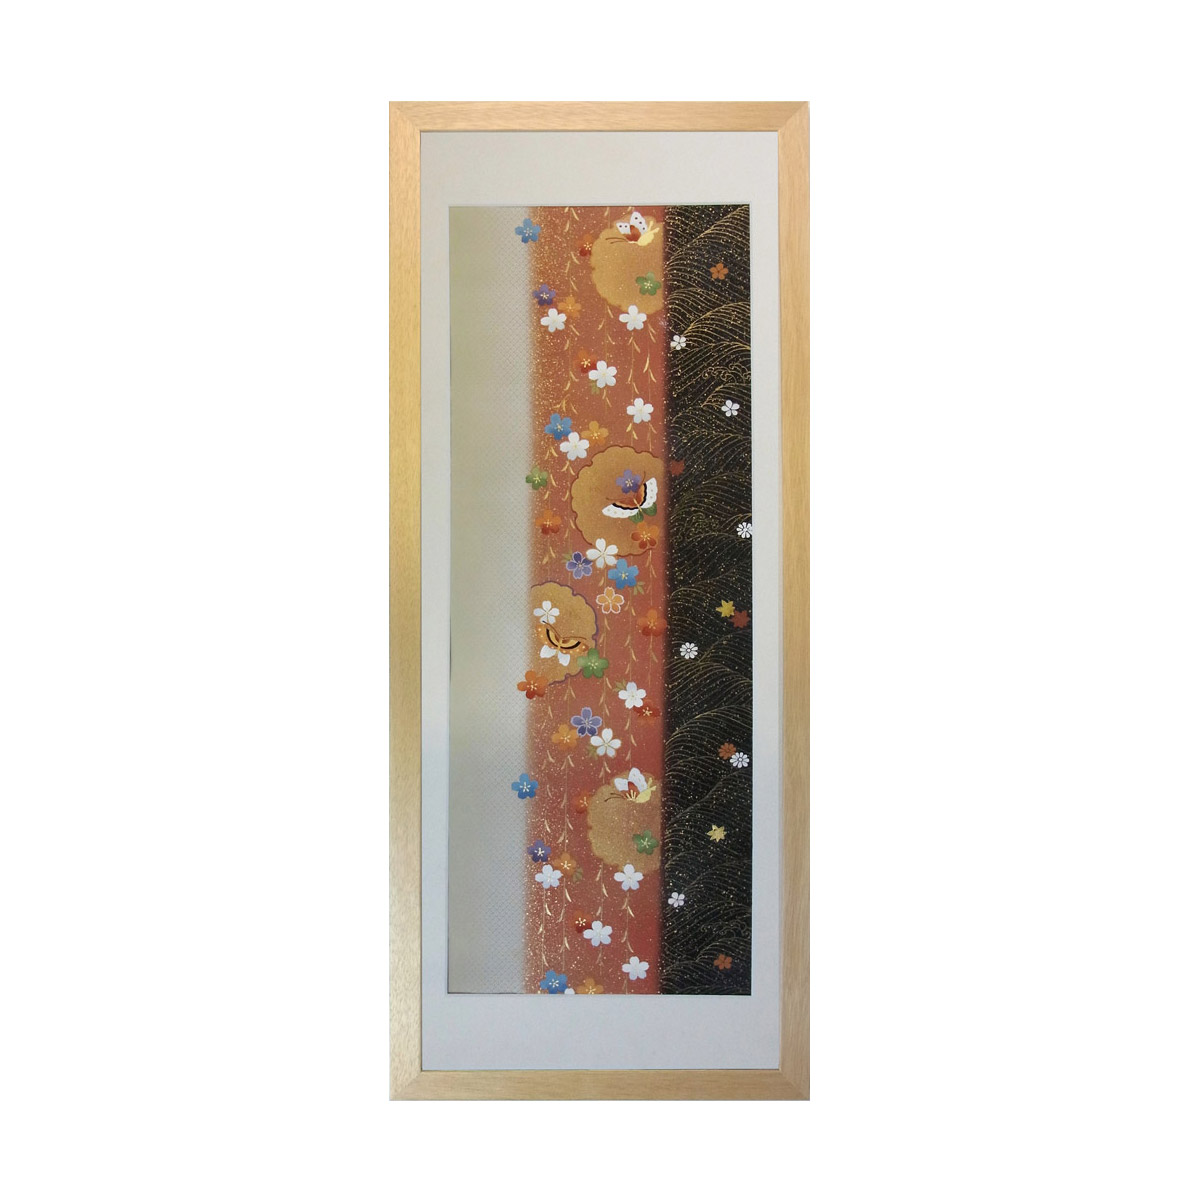 和風の額 壁掛インテリア 西陣織帯原画のアートフレーム 《38》